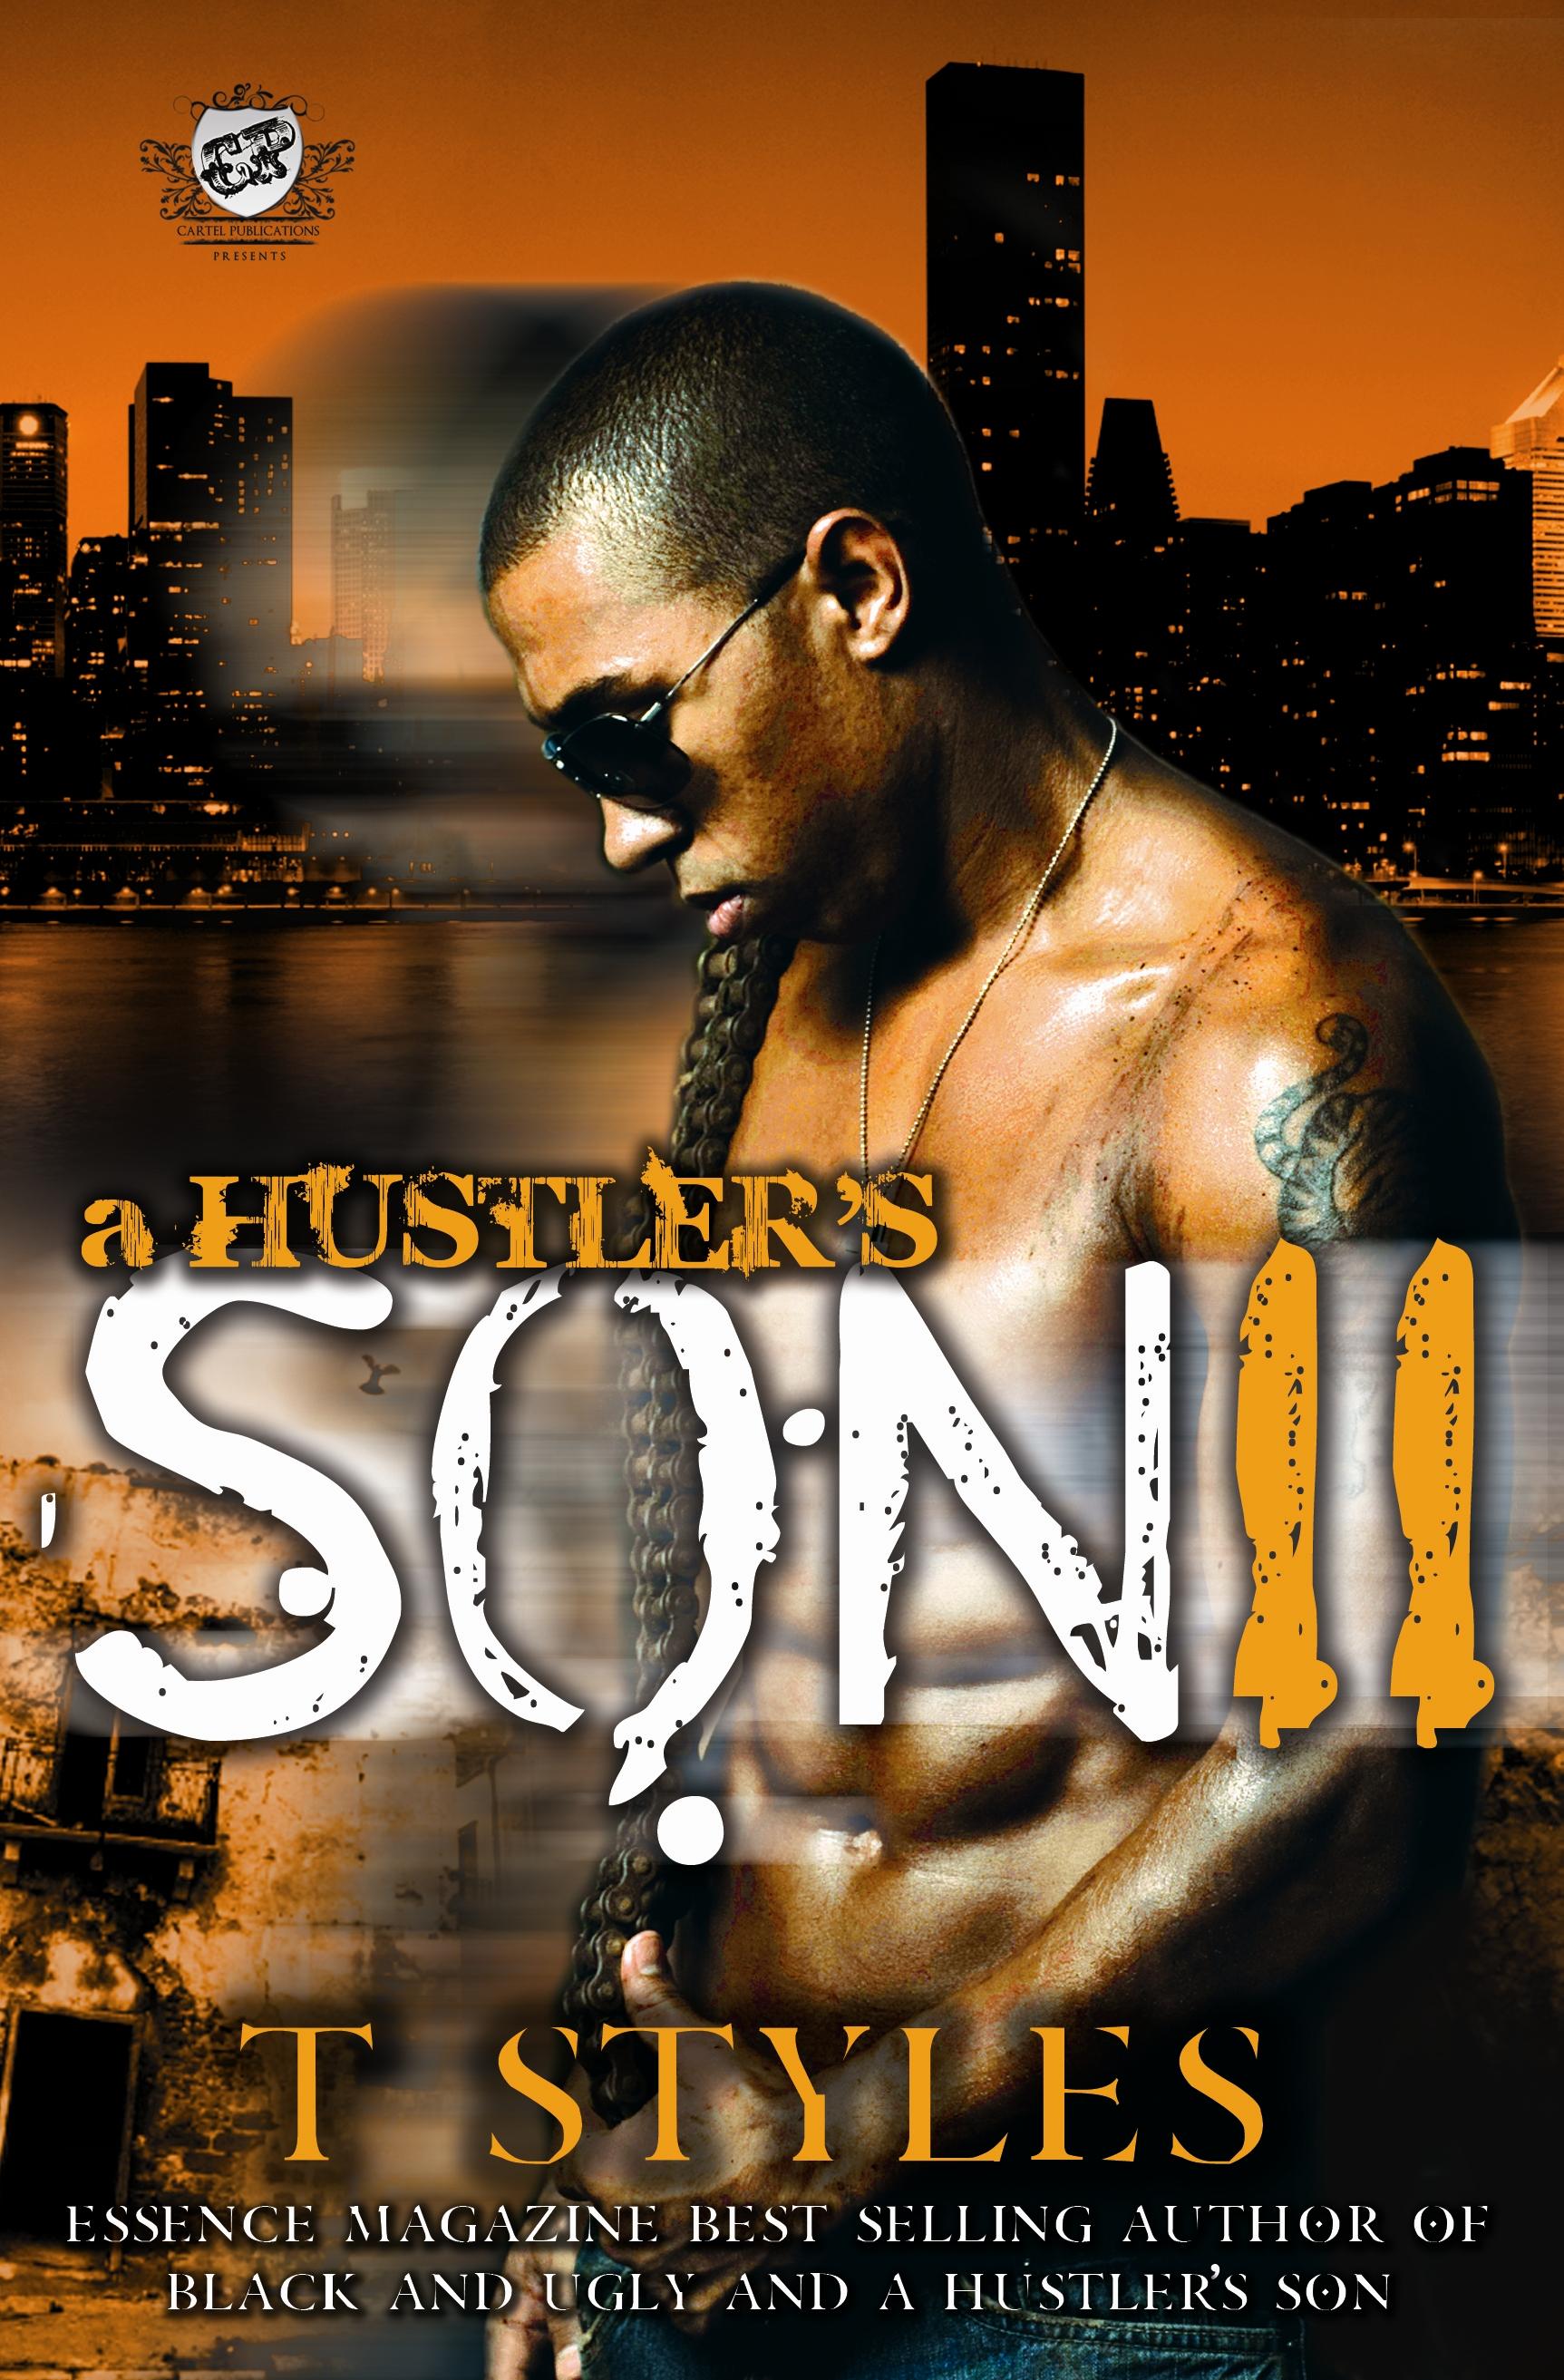 A hustlers son ii t styles